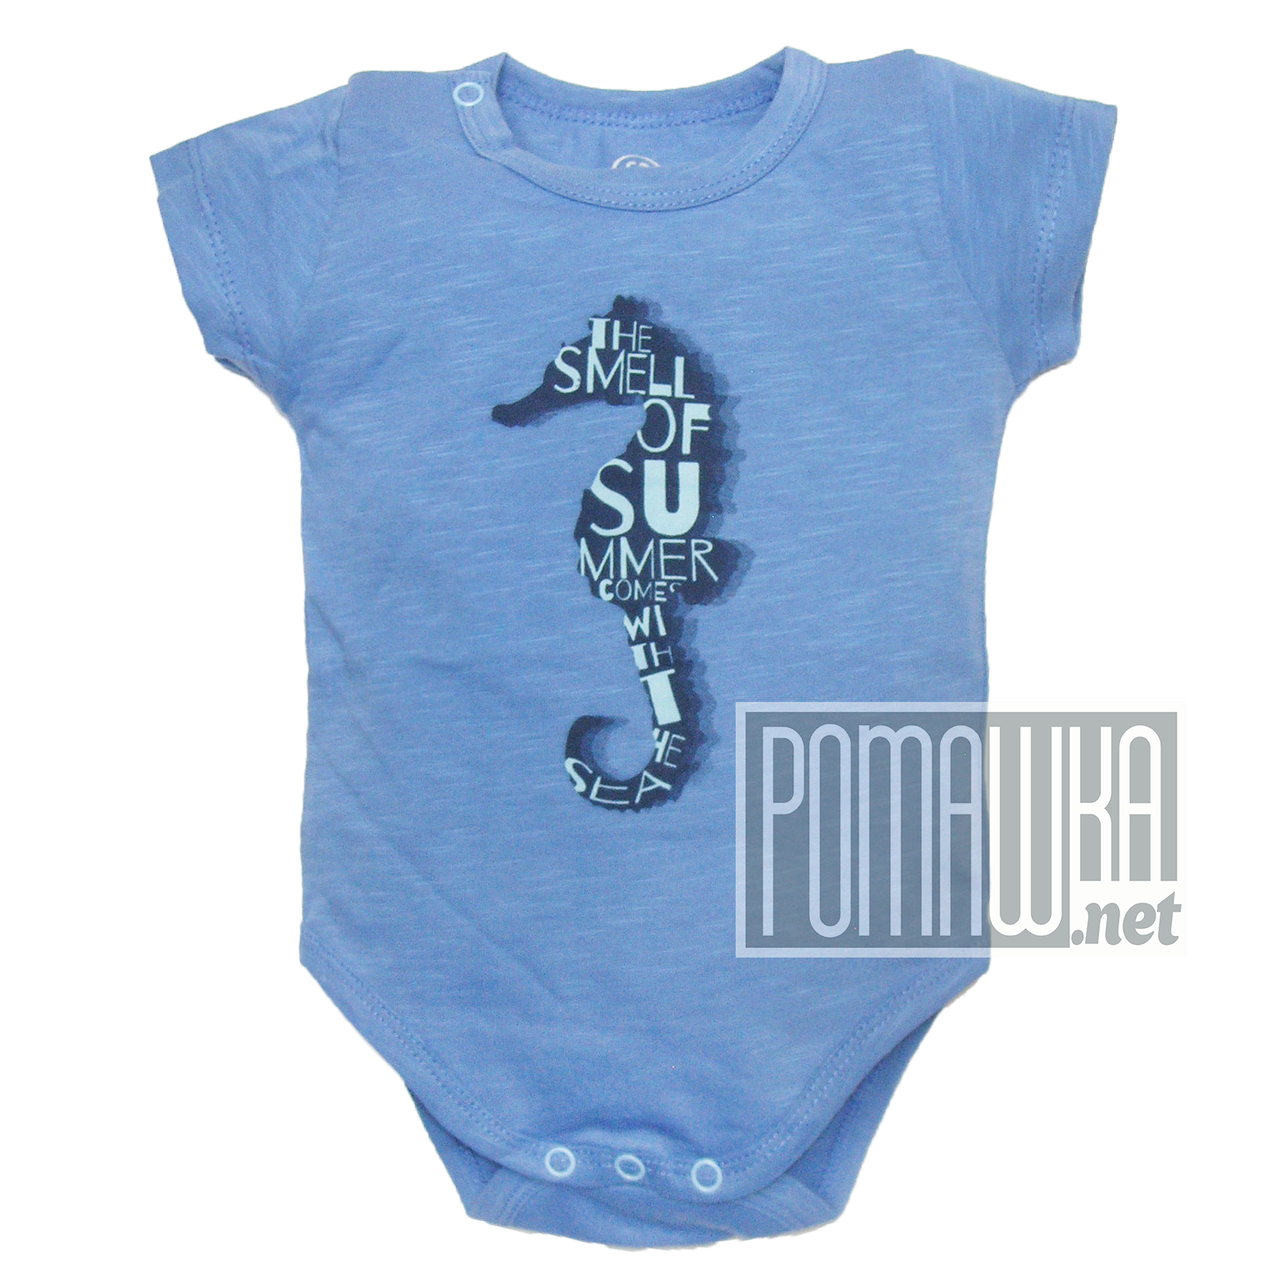 Детский боди футболка 68 3 5 мес летний для мальчика ребёнка новорожденных малышей лето из КУЛИР 4687 Голубой